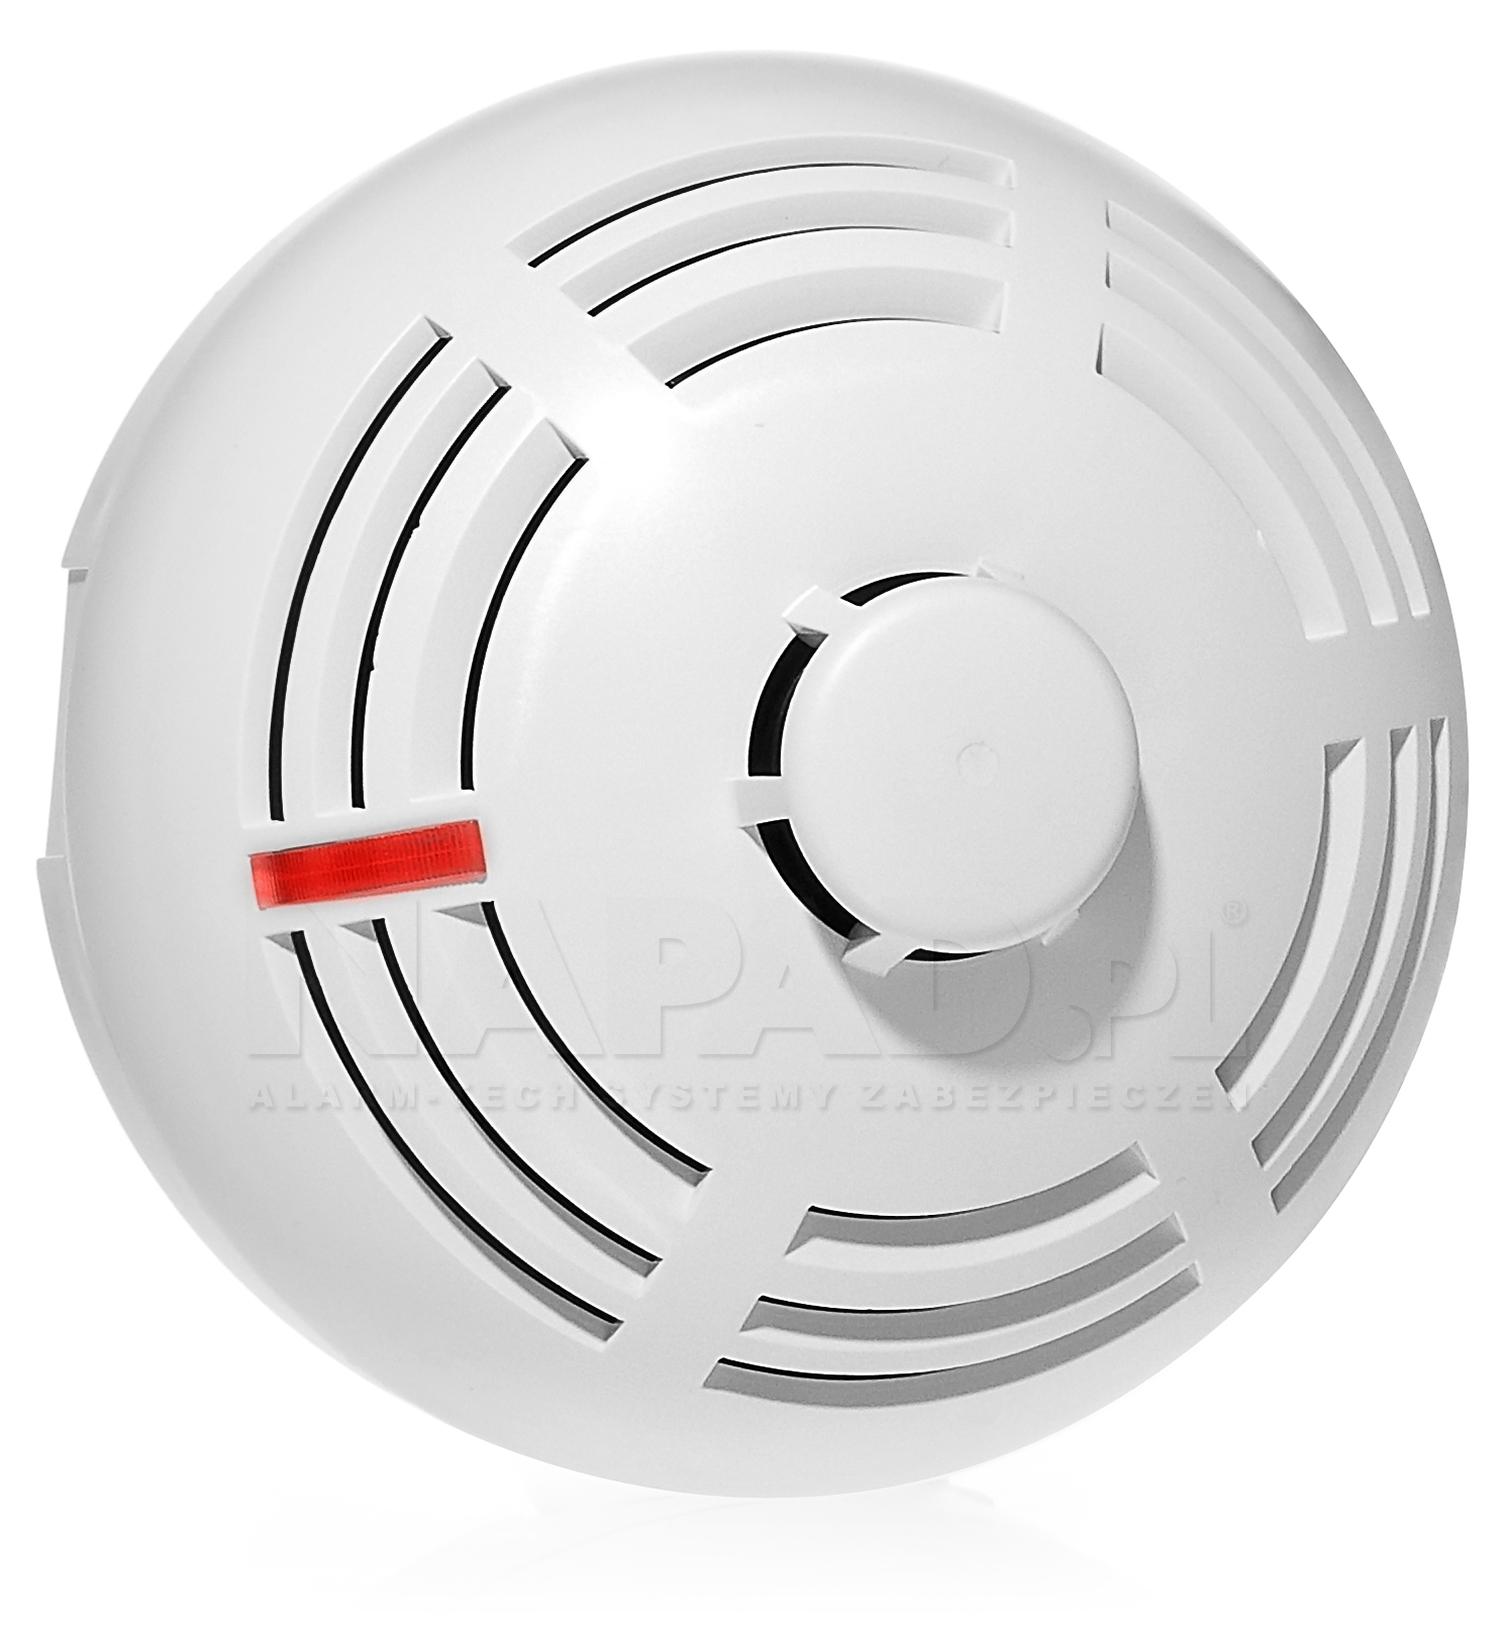 ABAX bezprzewodowa czujka dymu i ciepła ASD-110